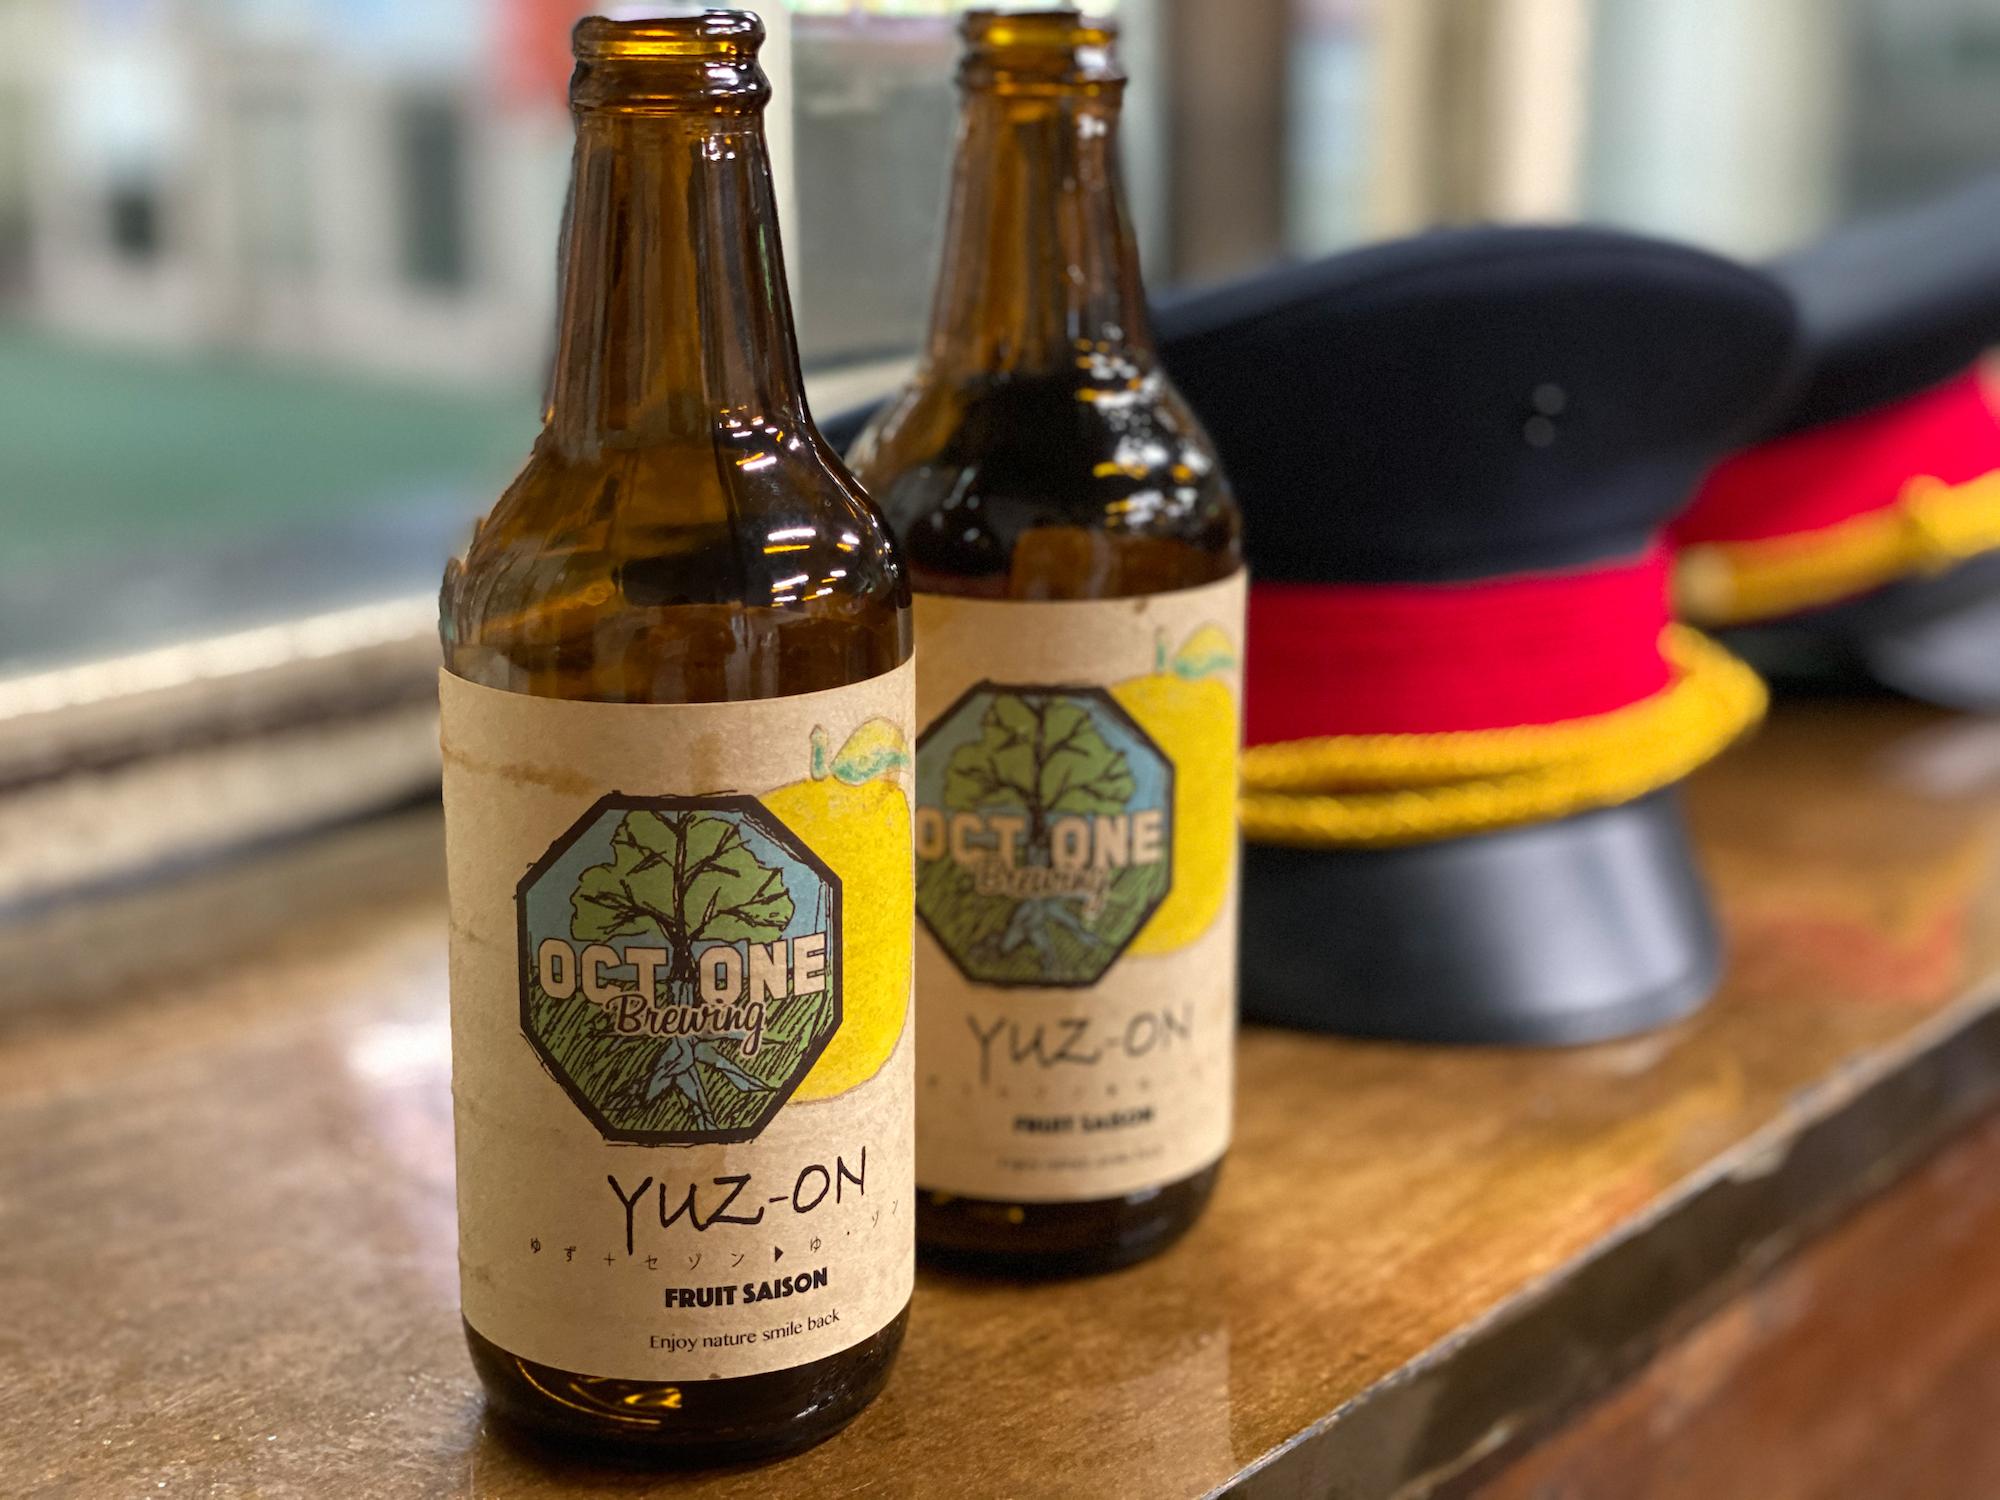 土合駅の「駅茶 mogura」(モグラカフェ)のクラフトビール(ゆず)と駅員さんの帽子(2020年9月6日/撮影:SHUN)